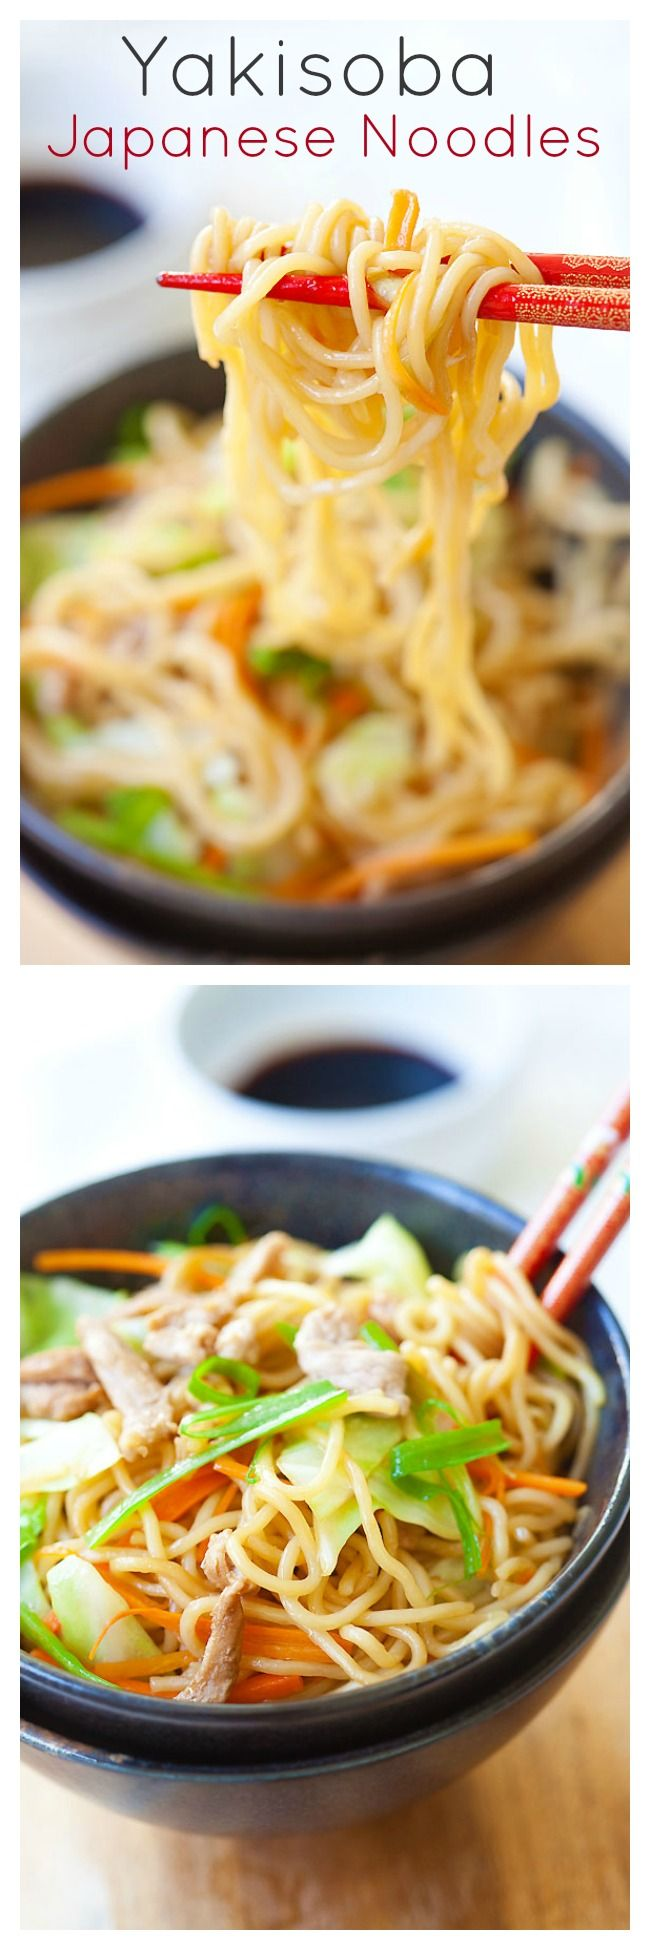 Yakisoba Recipe on Pinterest